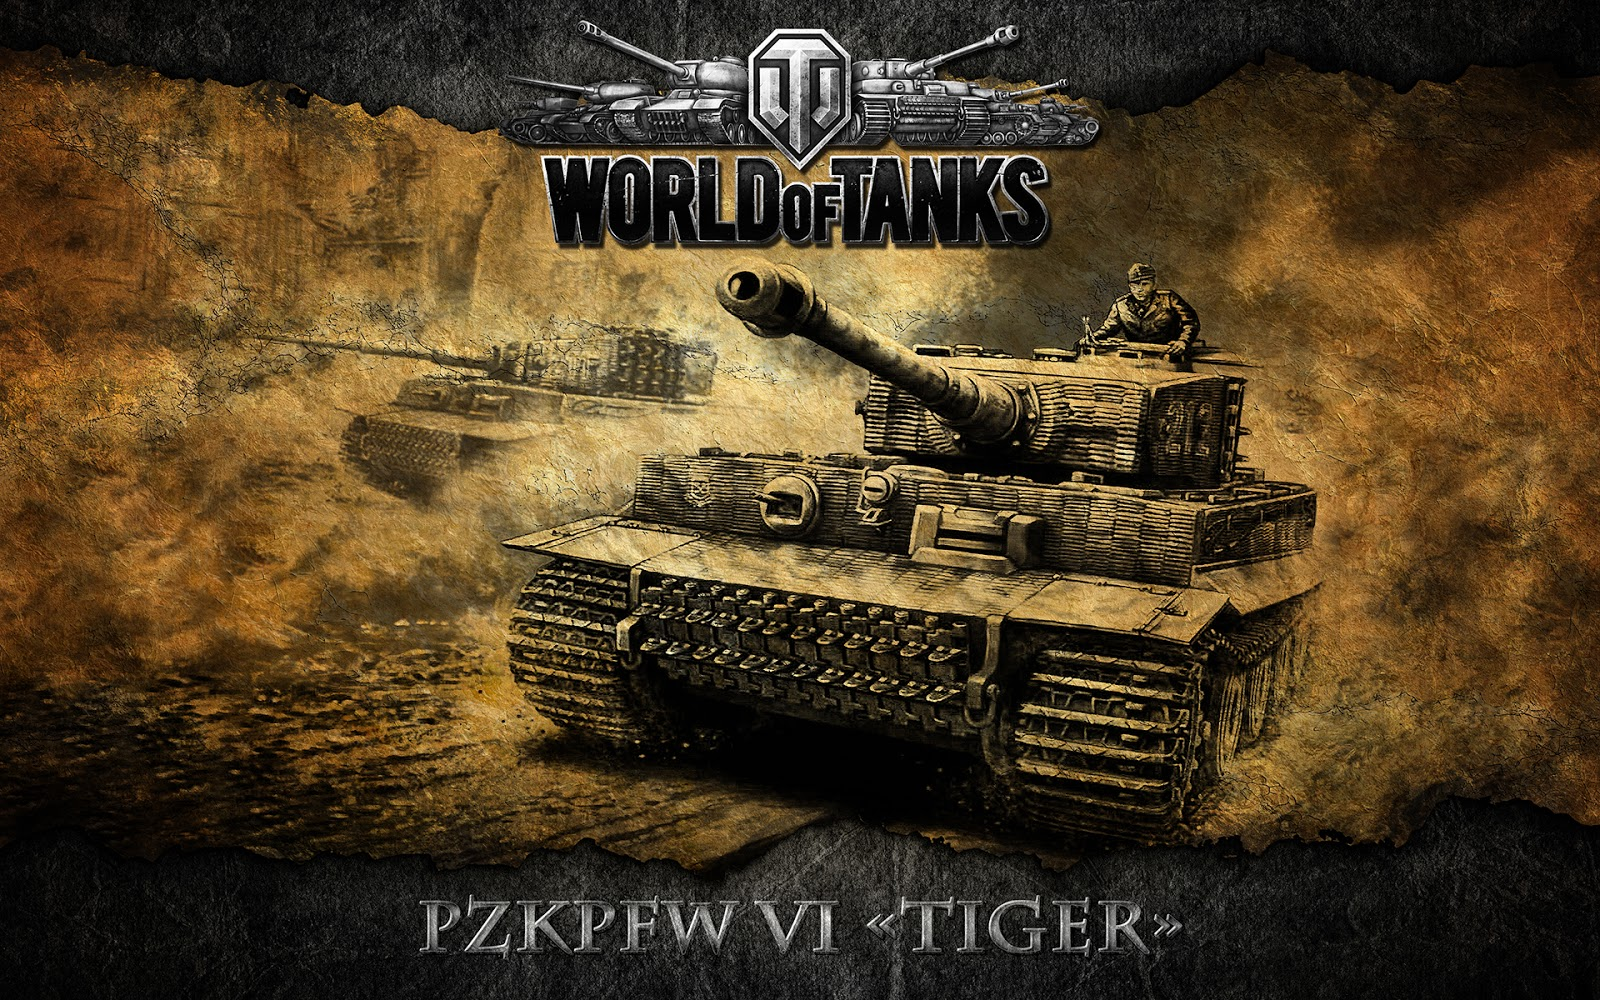 407828world of tankstankigra1920x1200 www gdefon ru